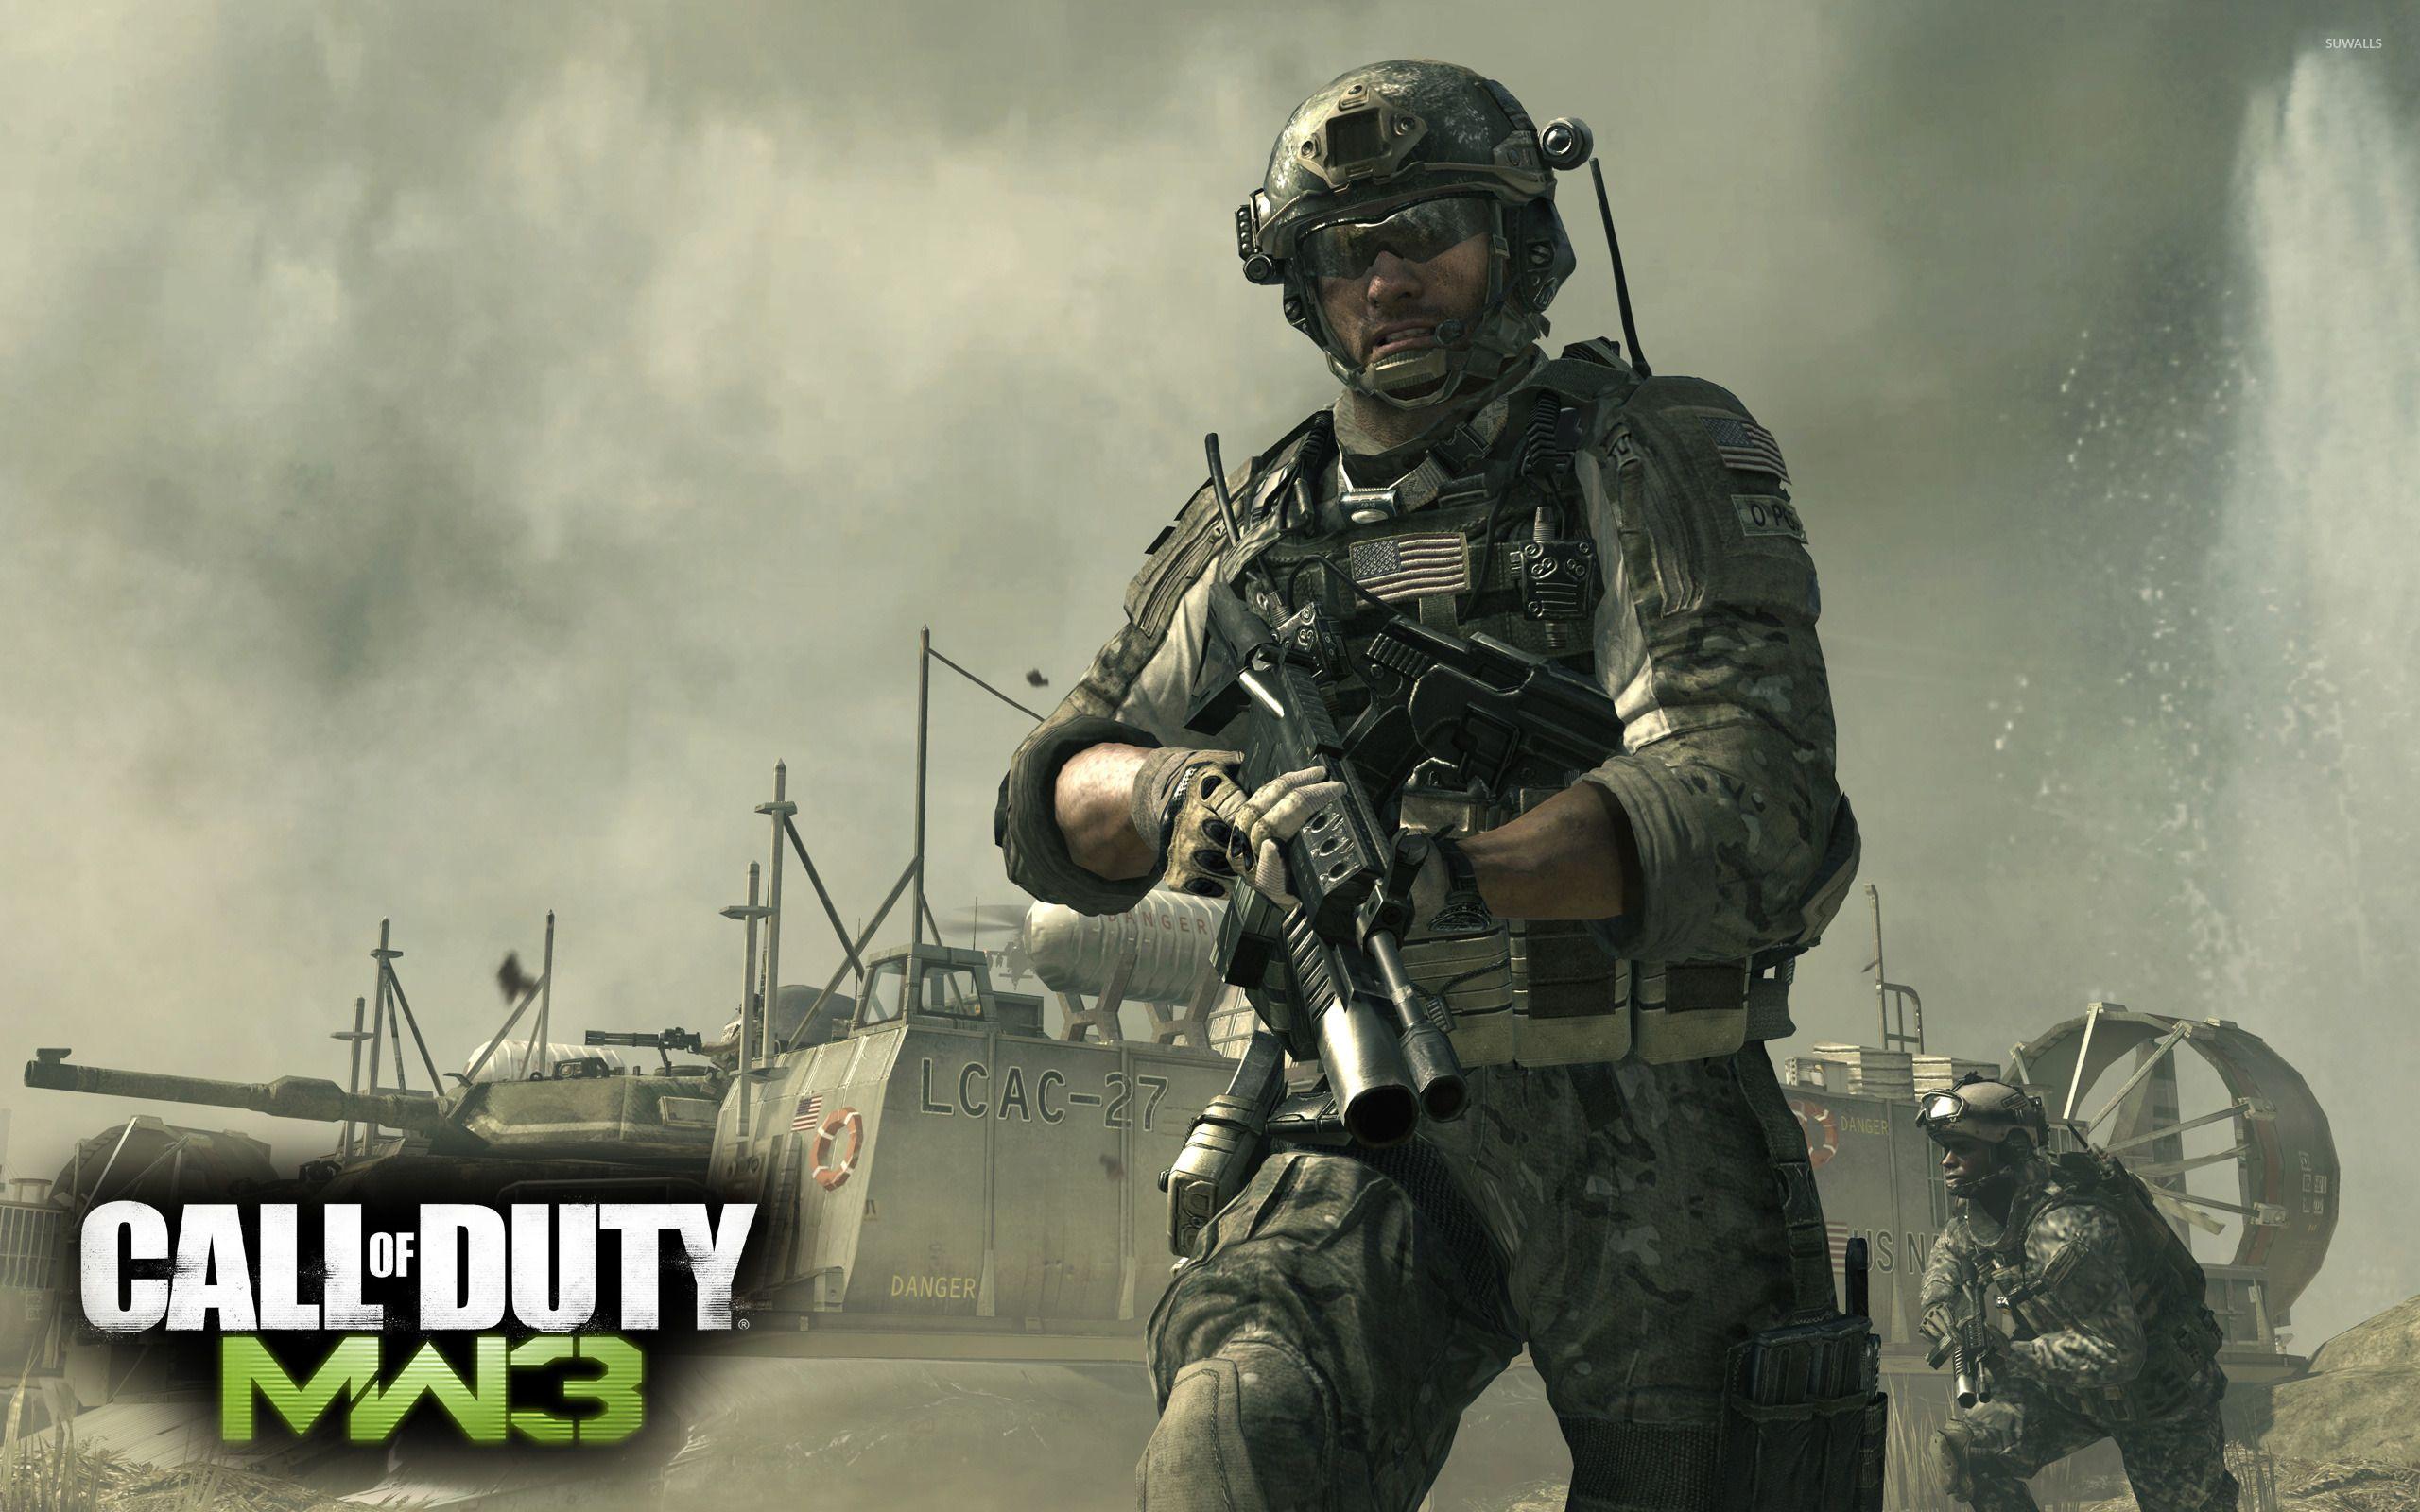 Call Duty Modern Warfare HD desktop wallpaper Widescreen